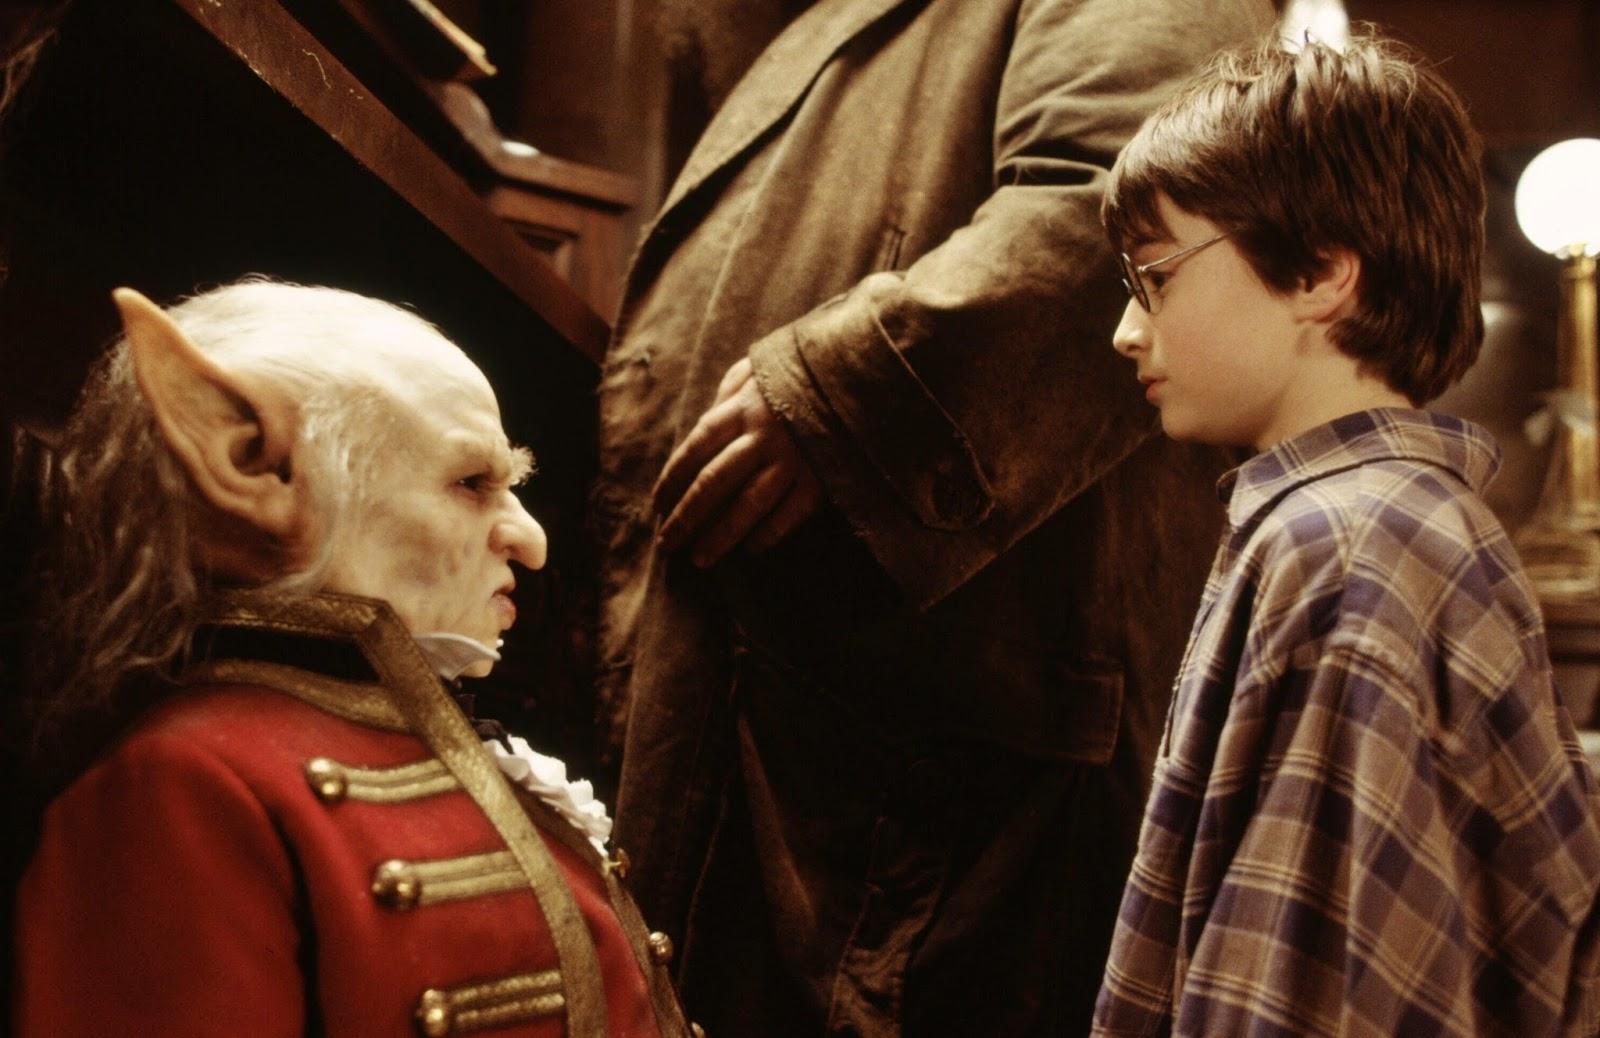 Harry Potter É A Pedra Filosofal for cenas deletadas de pedra filosofal   »o caldeirão saltitante »the